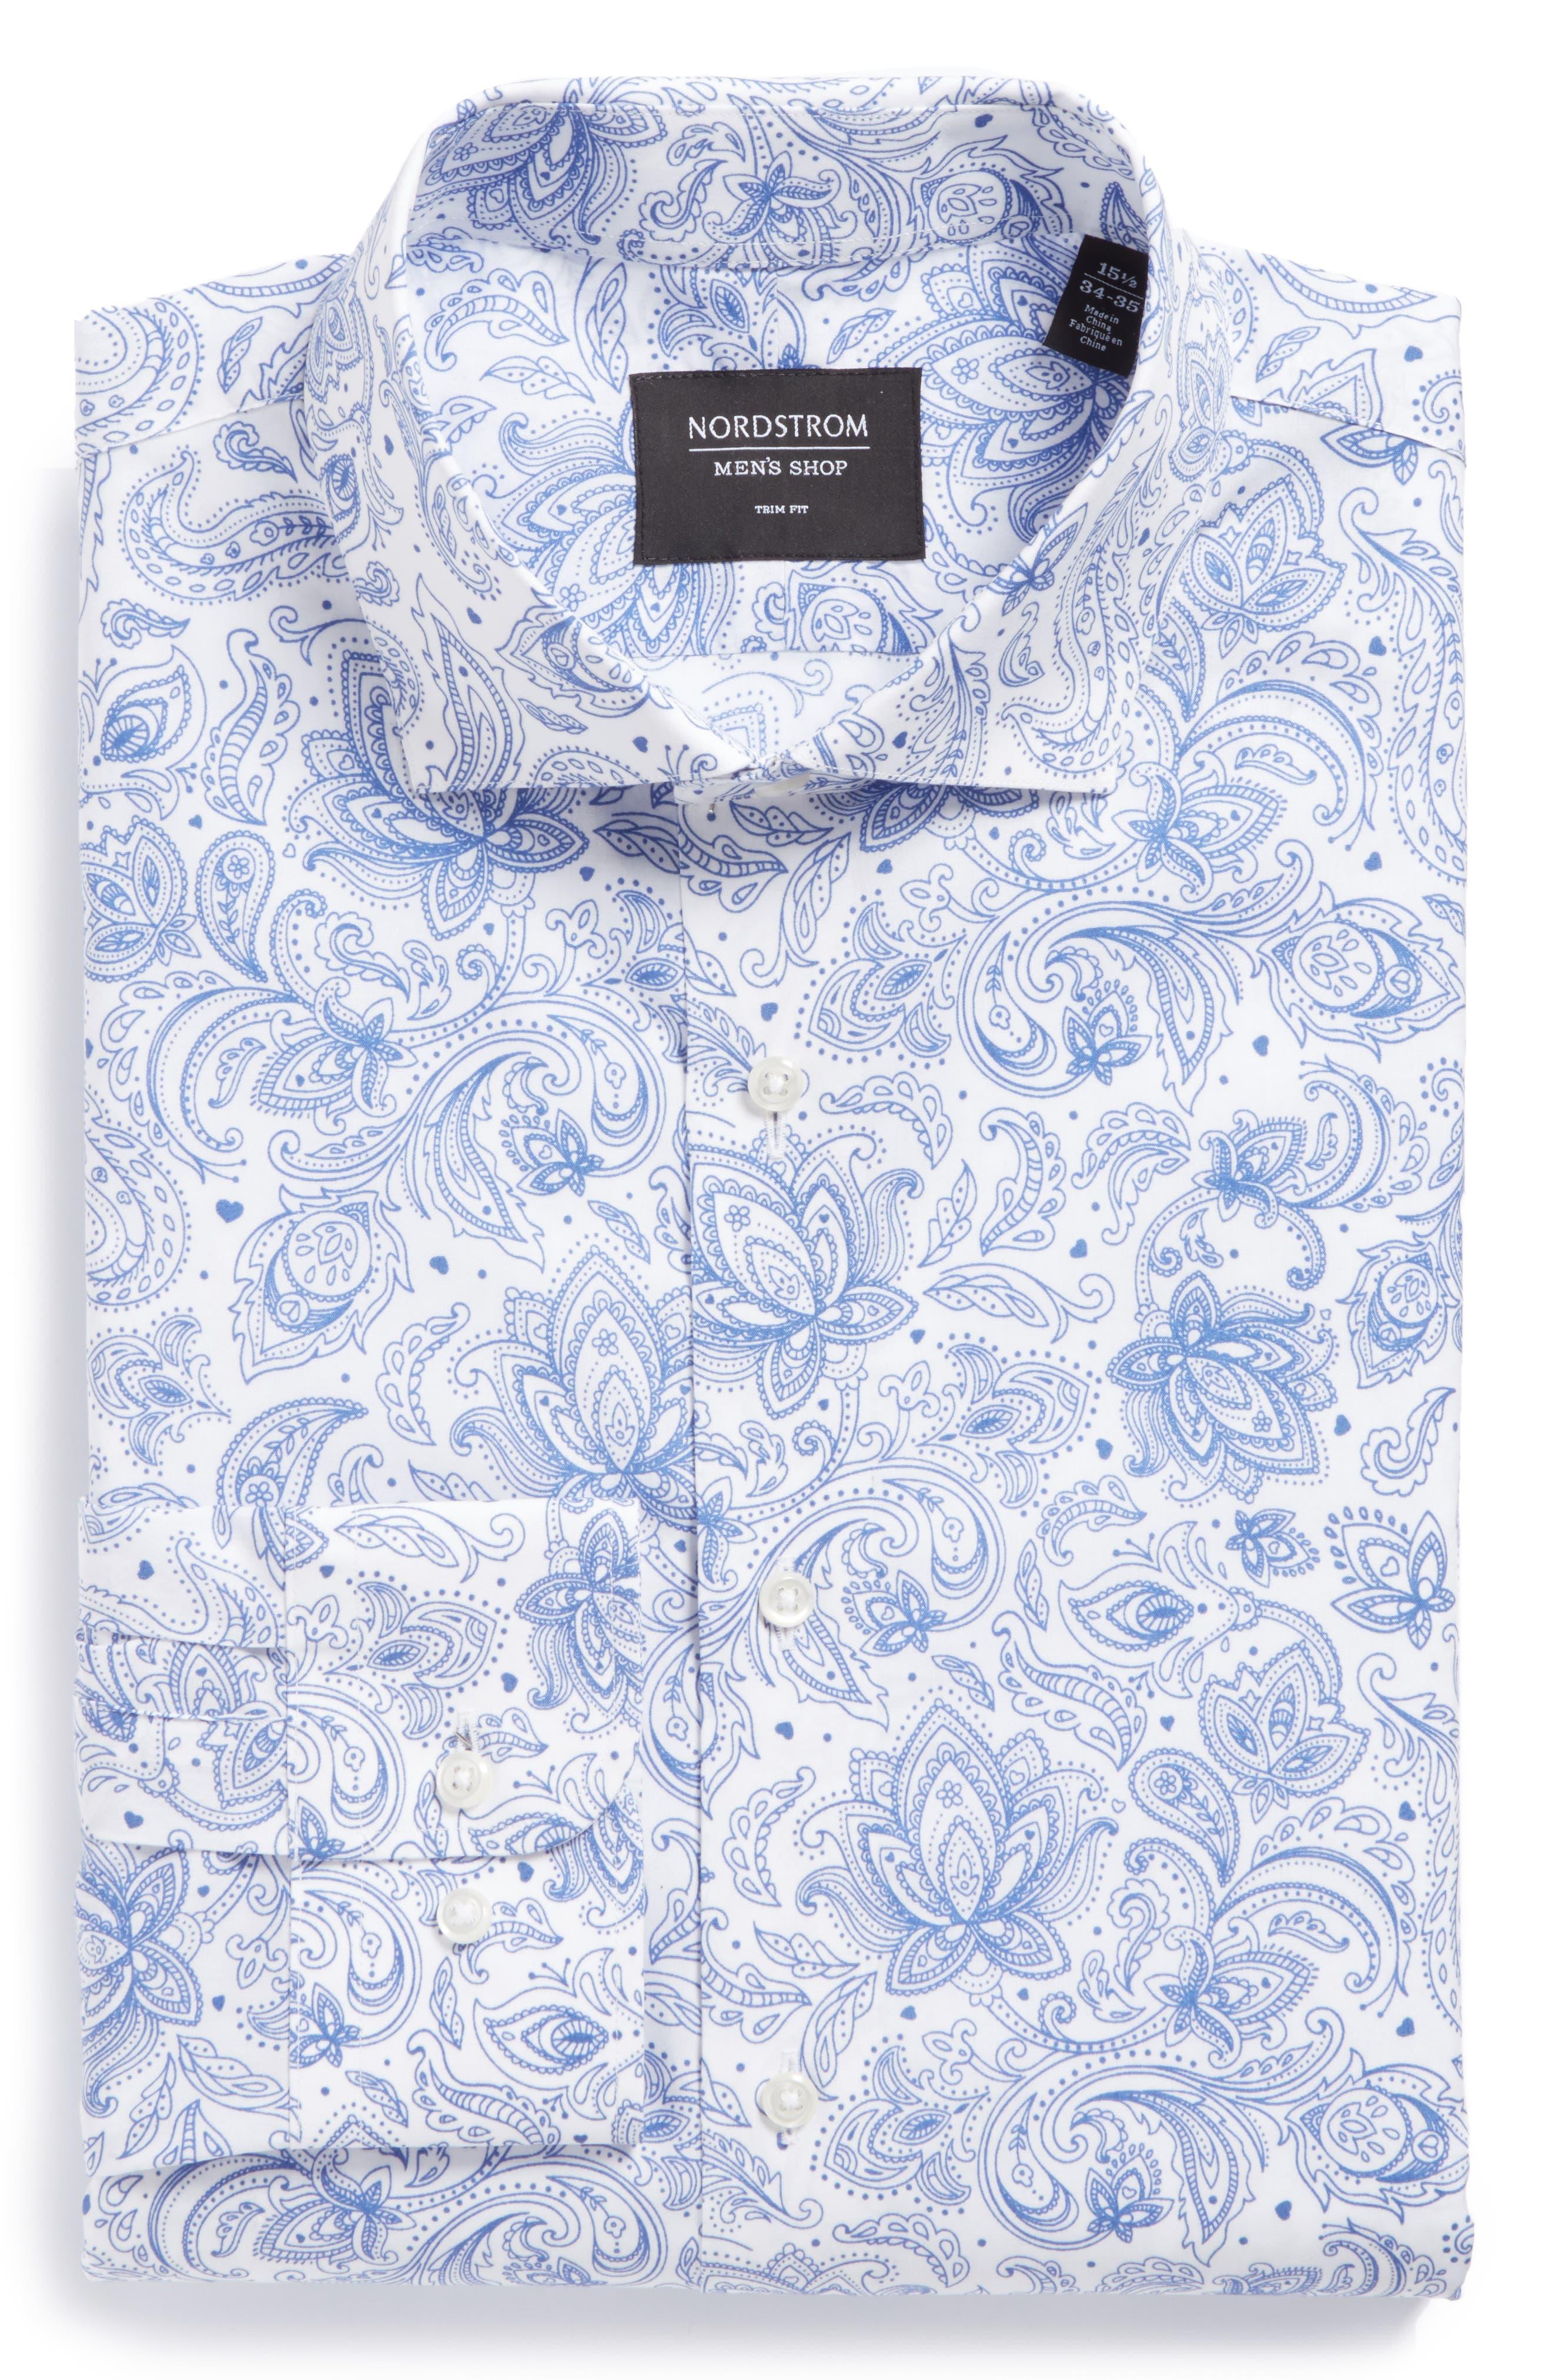 Nordstrom Men's Shop Trim Fit Paisley Dress Shirt